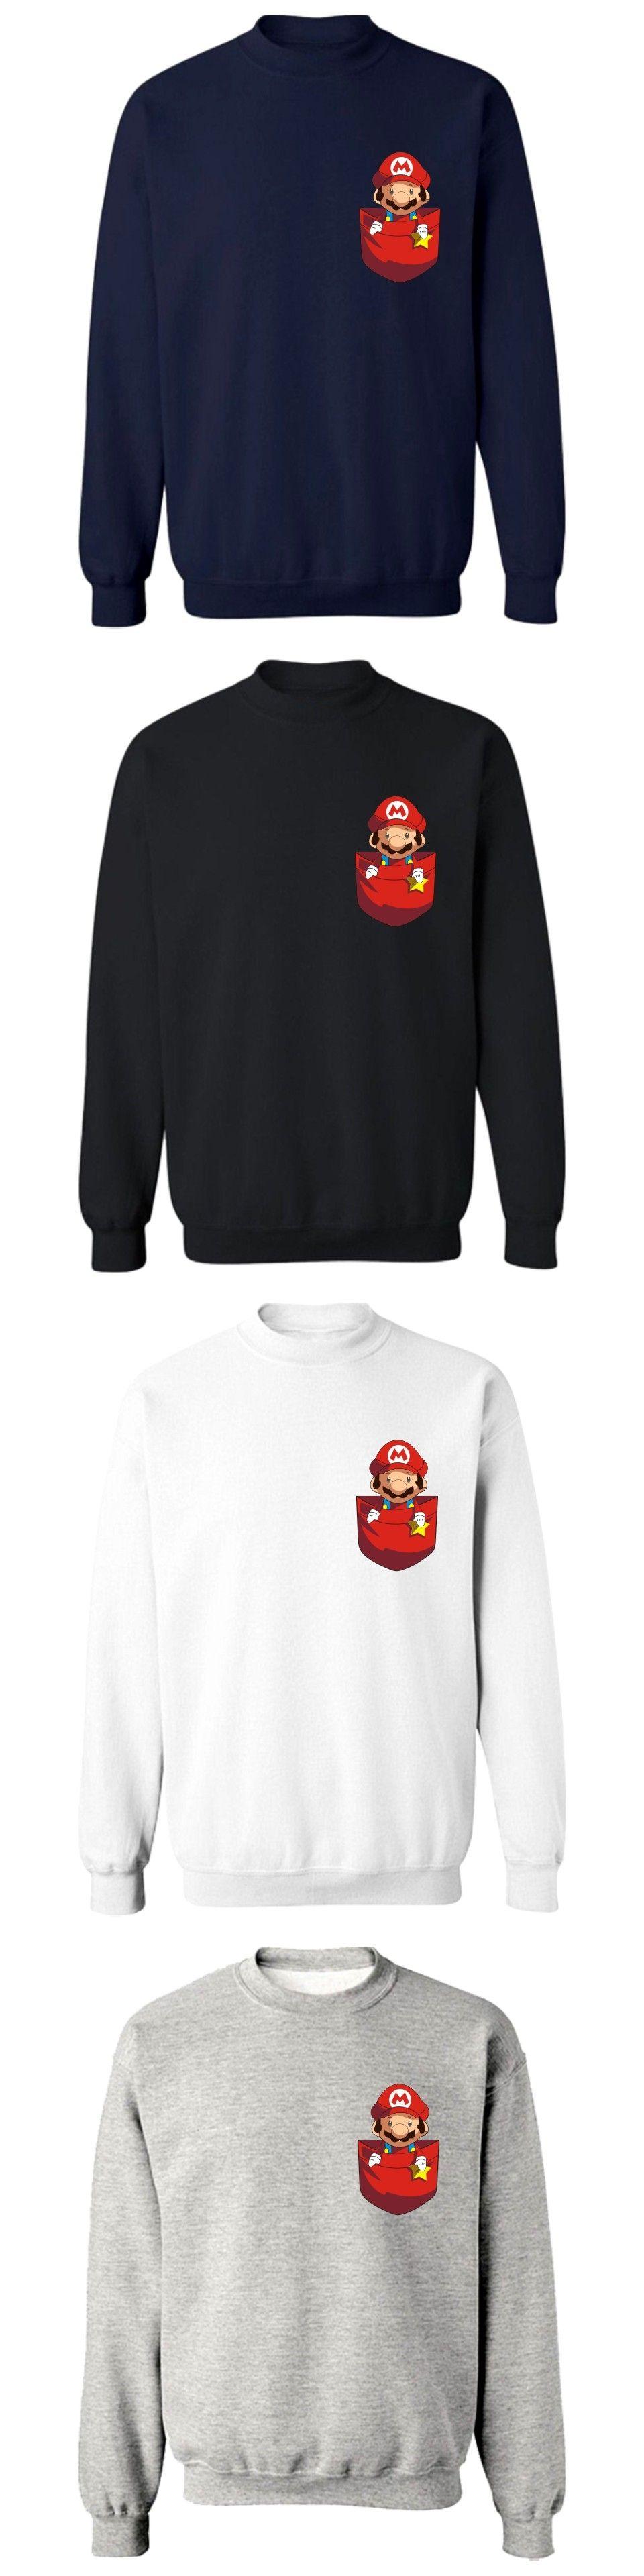 Sweatshirts Men Super Mario Bros Sweatshirt Men Auturm Winter Super Mario Hoodies And Sweatshirt Hoodies For M Hoodies Men Mens Sweatshirts Sweatshirts Hoodie [ 3840 x 960 Pixel ]